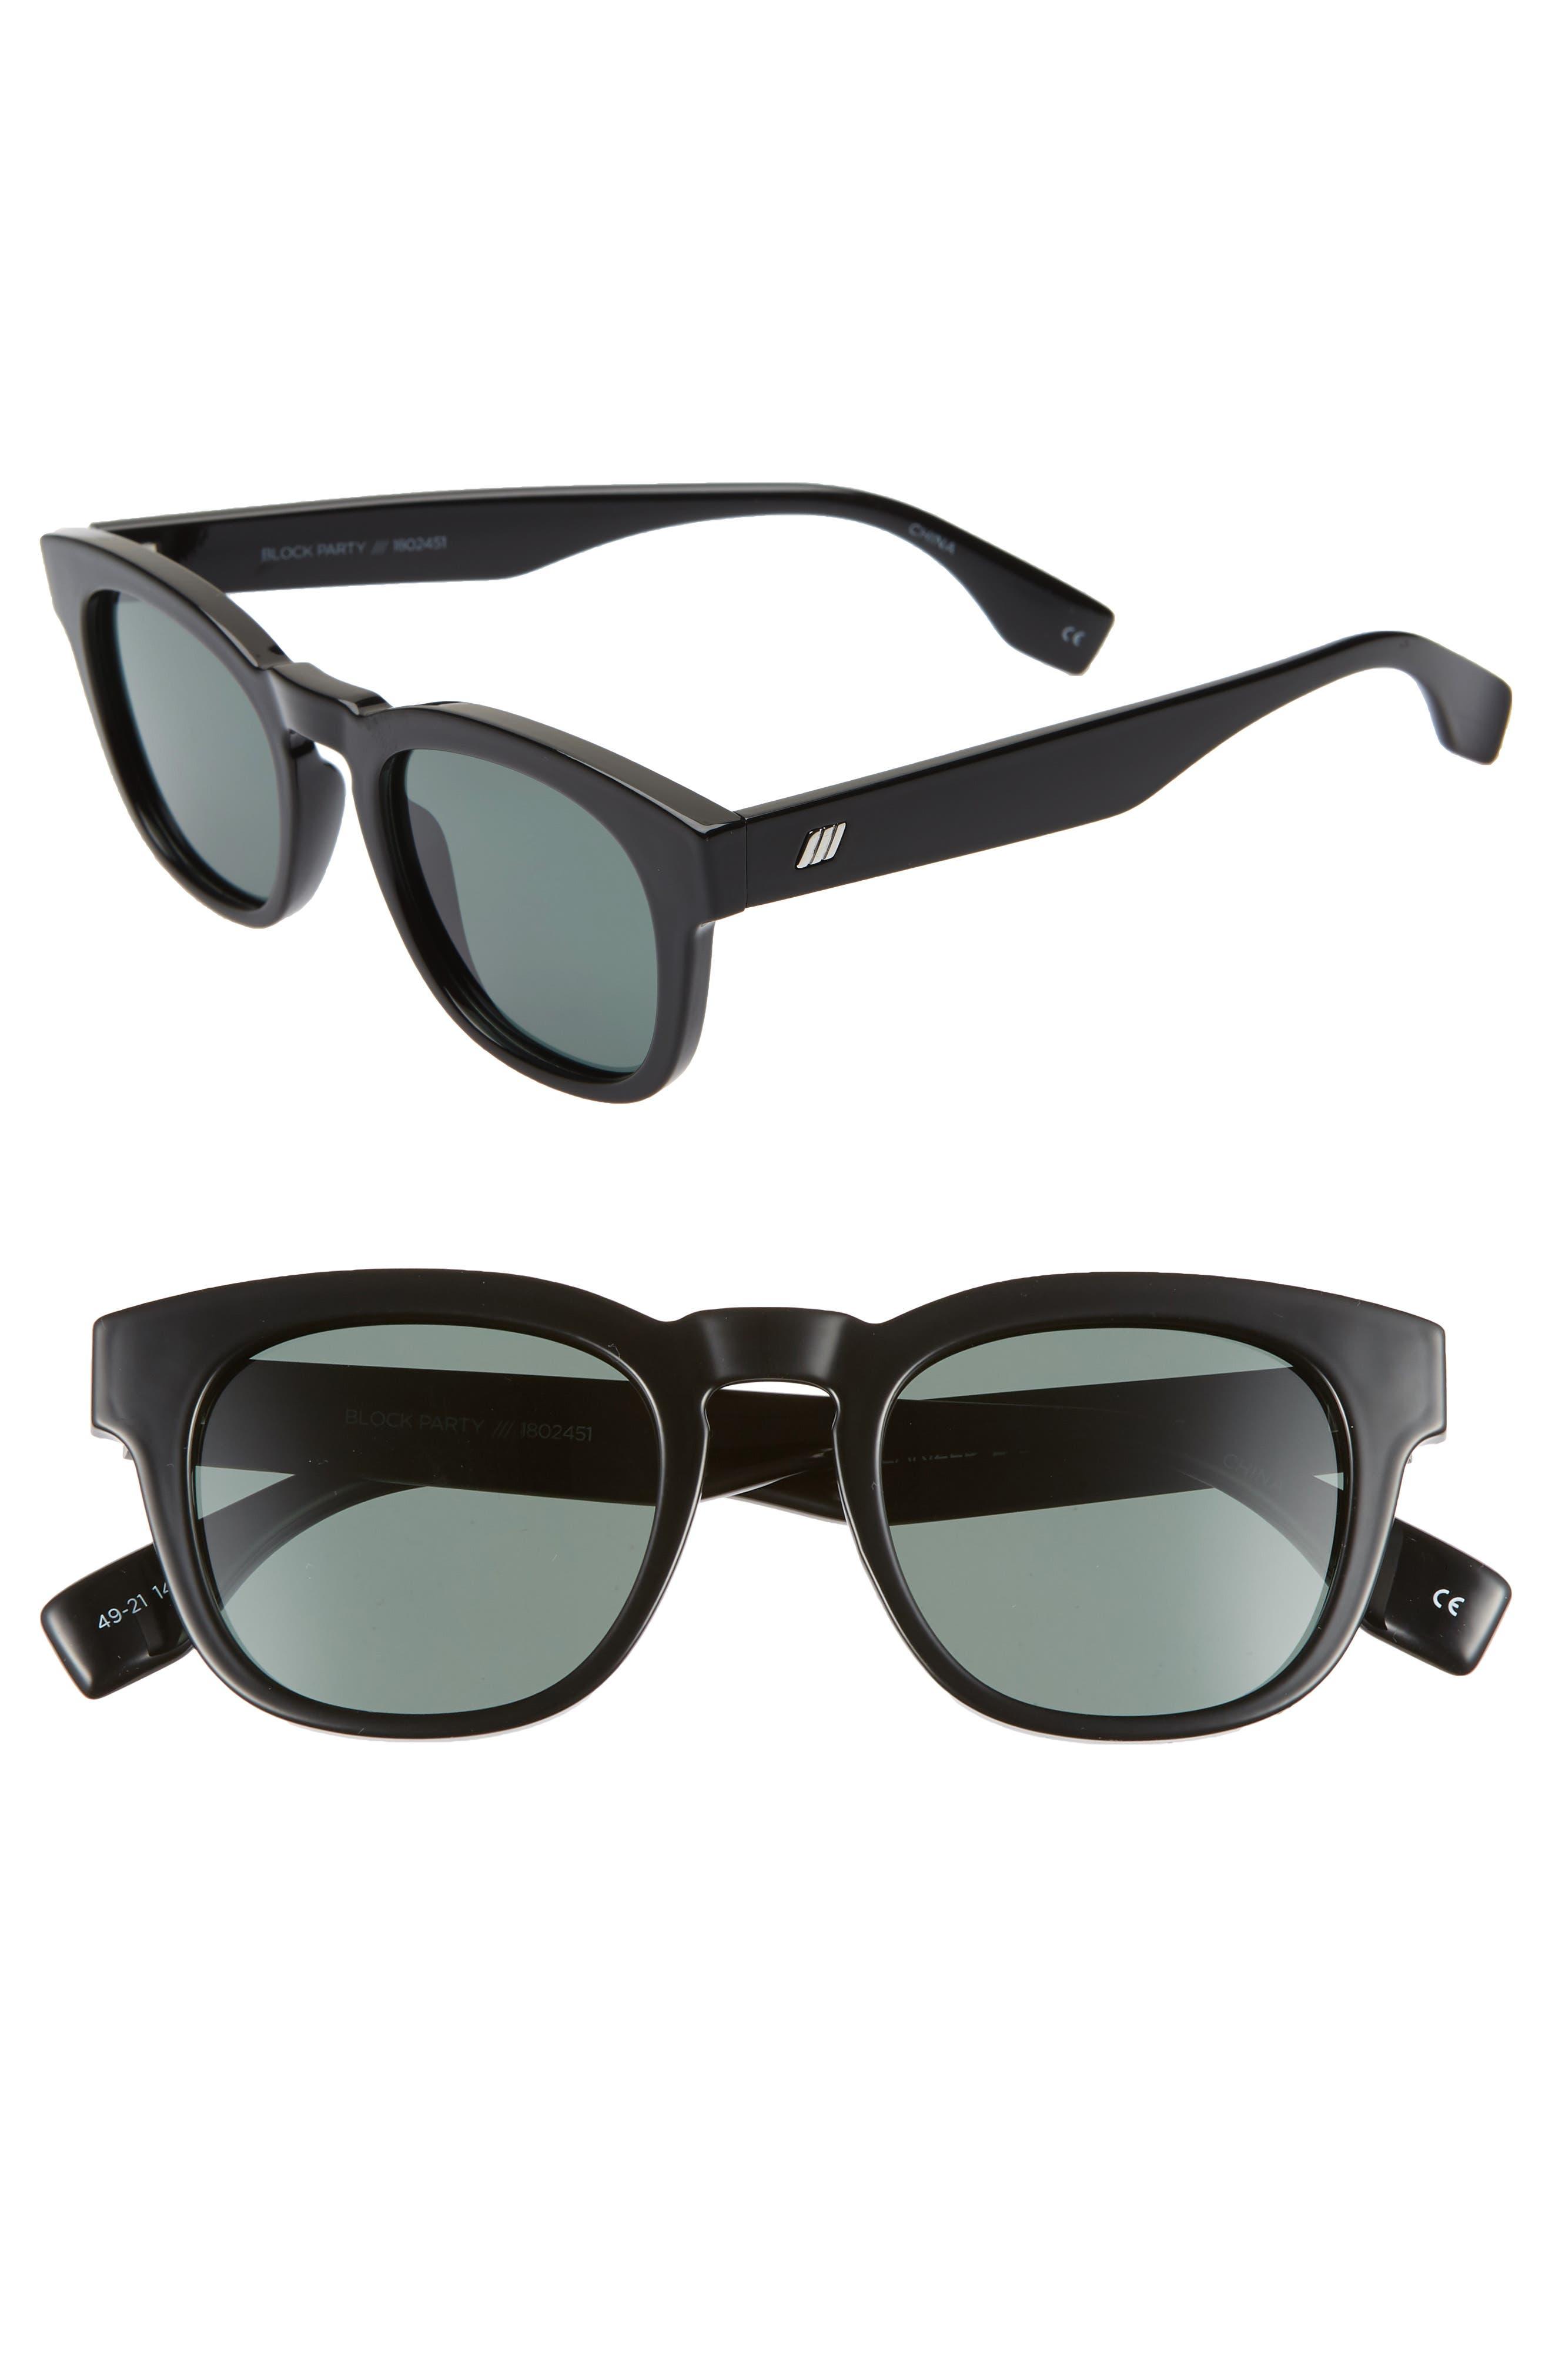 Le Specs Block Party 4m Polarized Sunglasses - Black